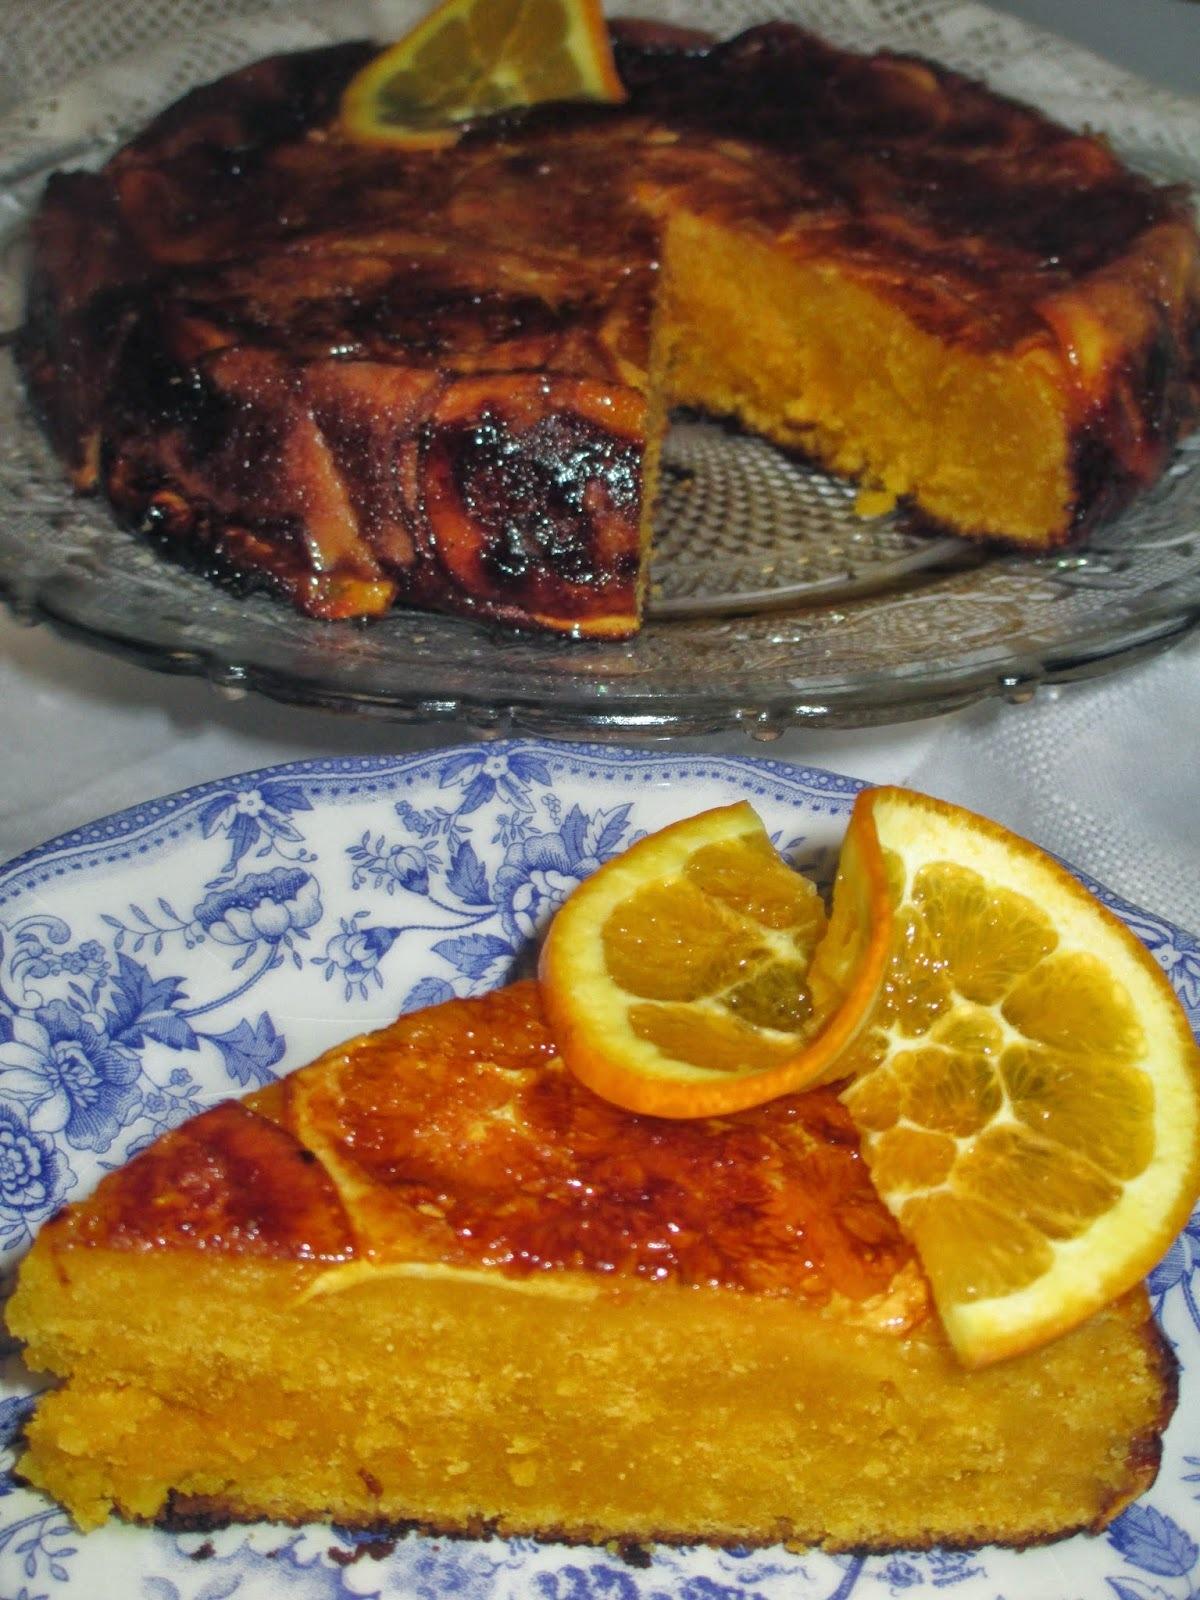 Bolo de cenoura e laranja caramelizada Receita Bimby e tradicional